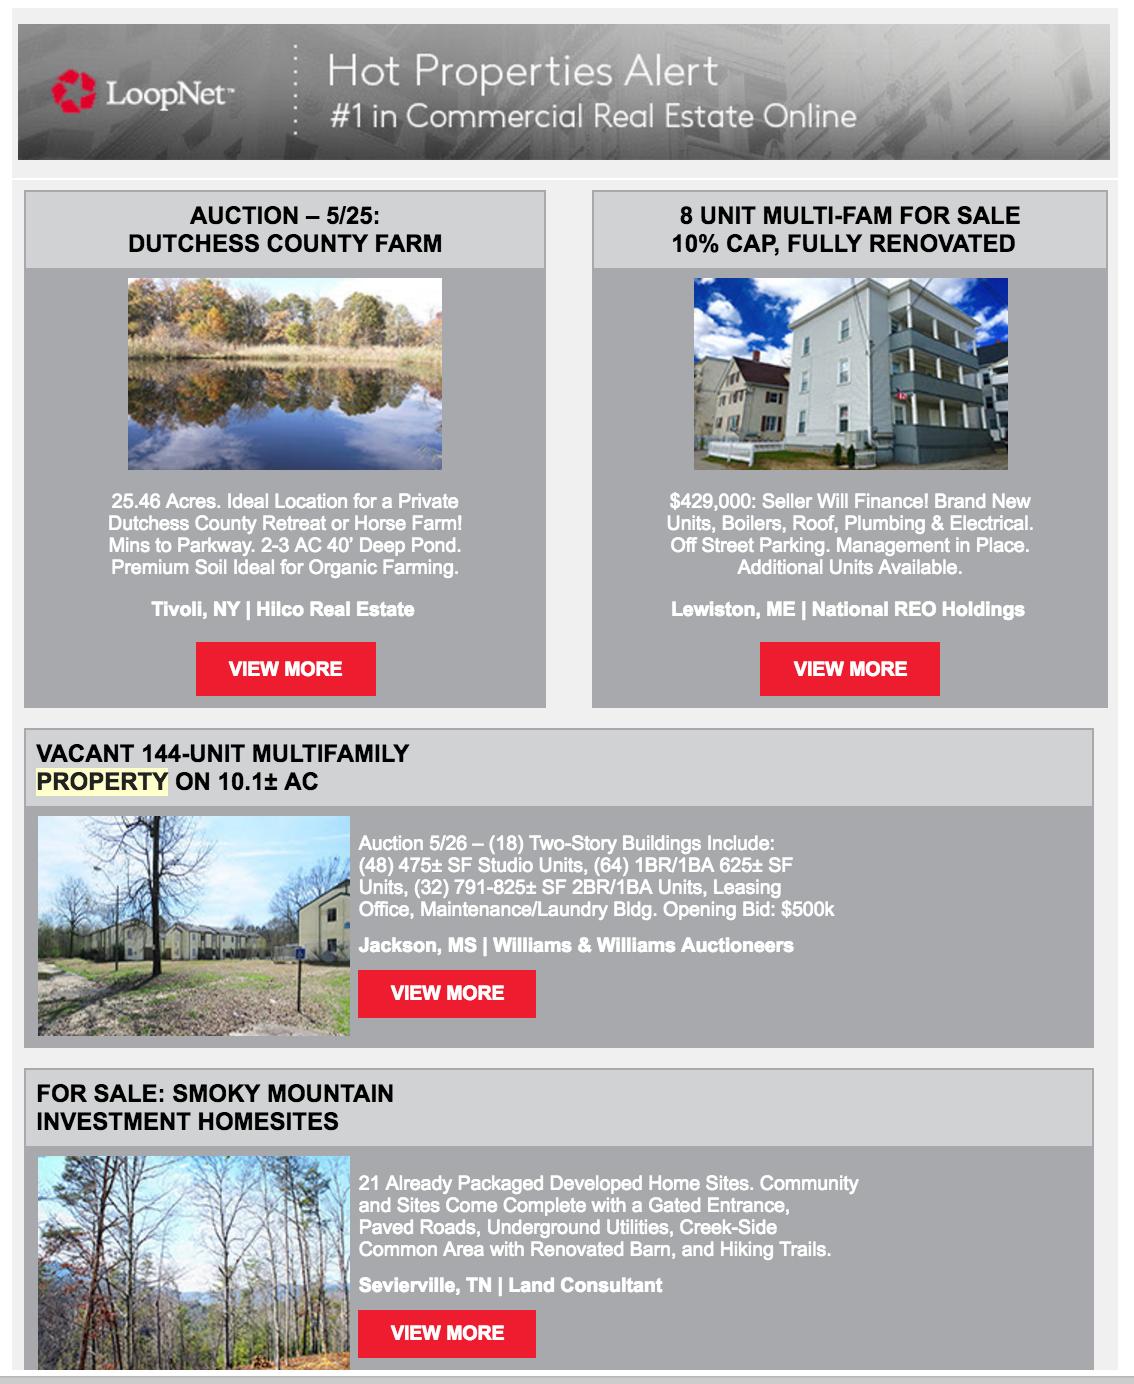 (Screenshot of a recent Hot Properties Bulletin.)